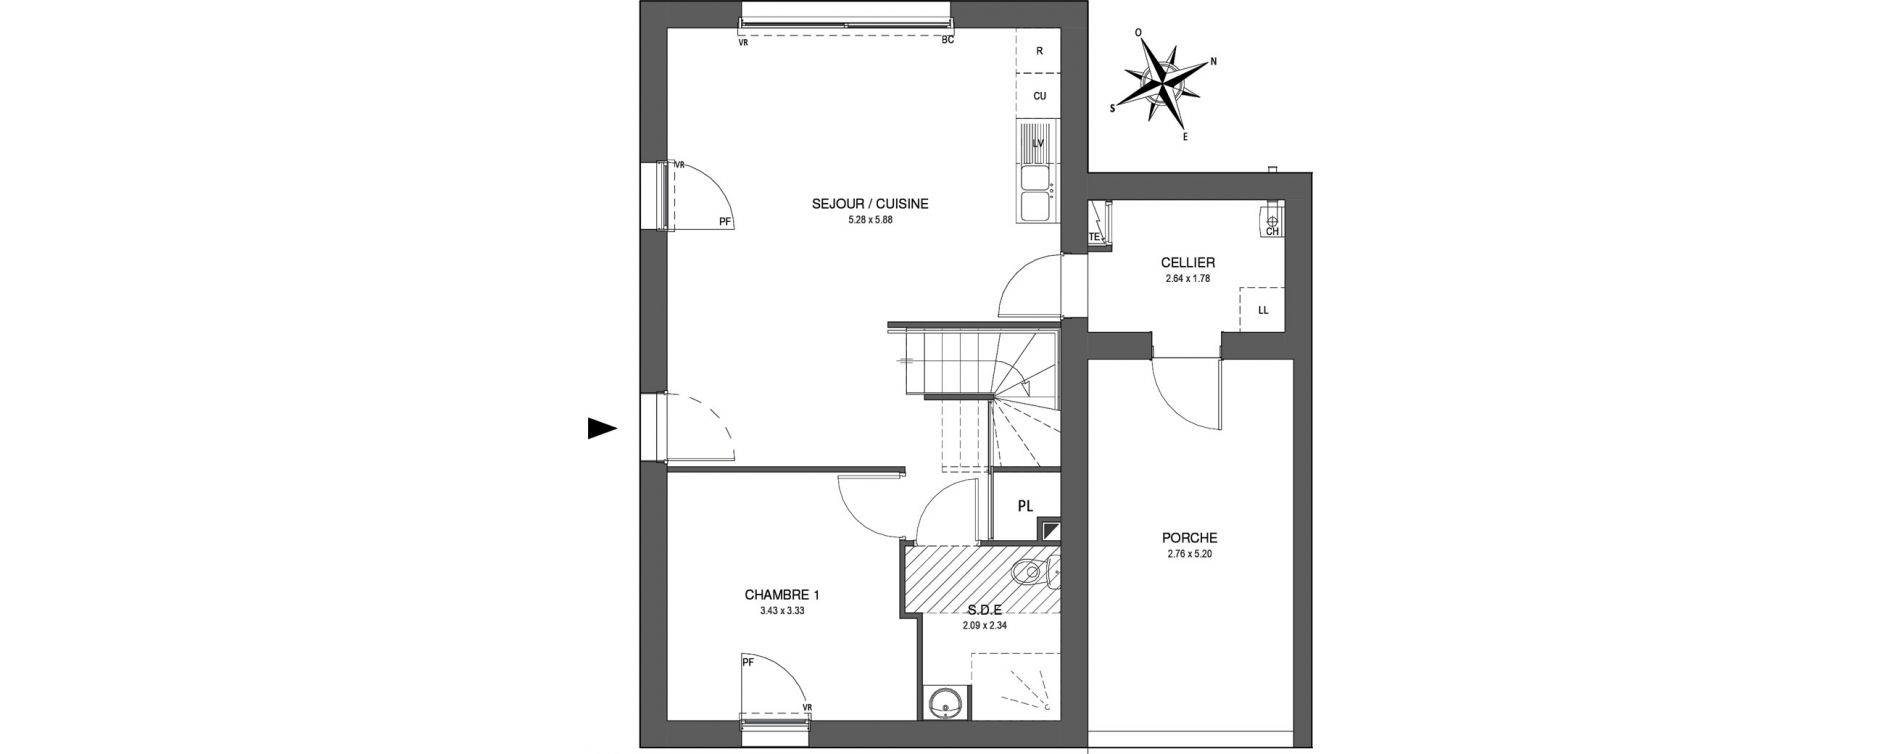 Maison T5 de 94,05 m2 à Saint-Jean-De-Monts Les verres